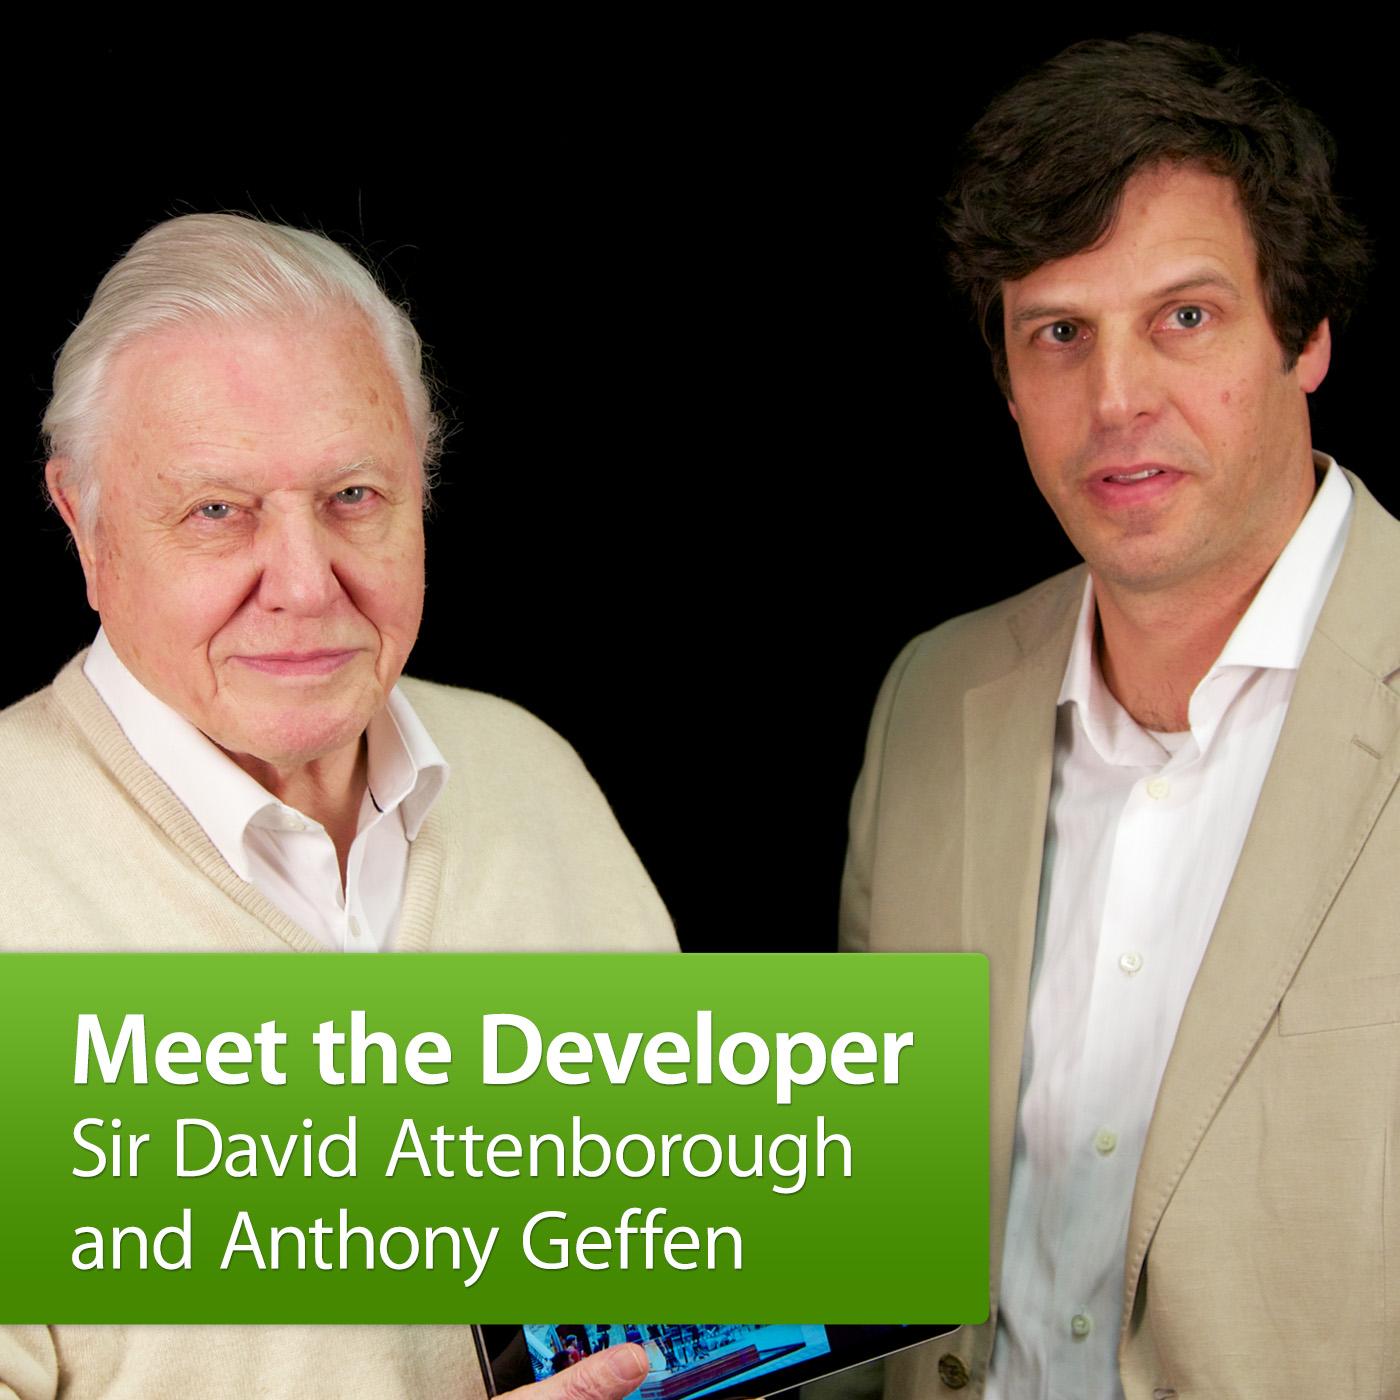 Sir David Attenborough and Anthony Geffen: Meet the Developer